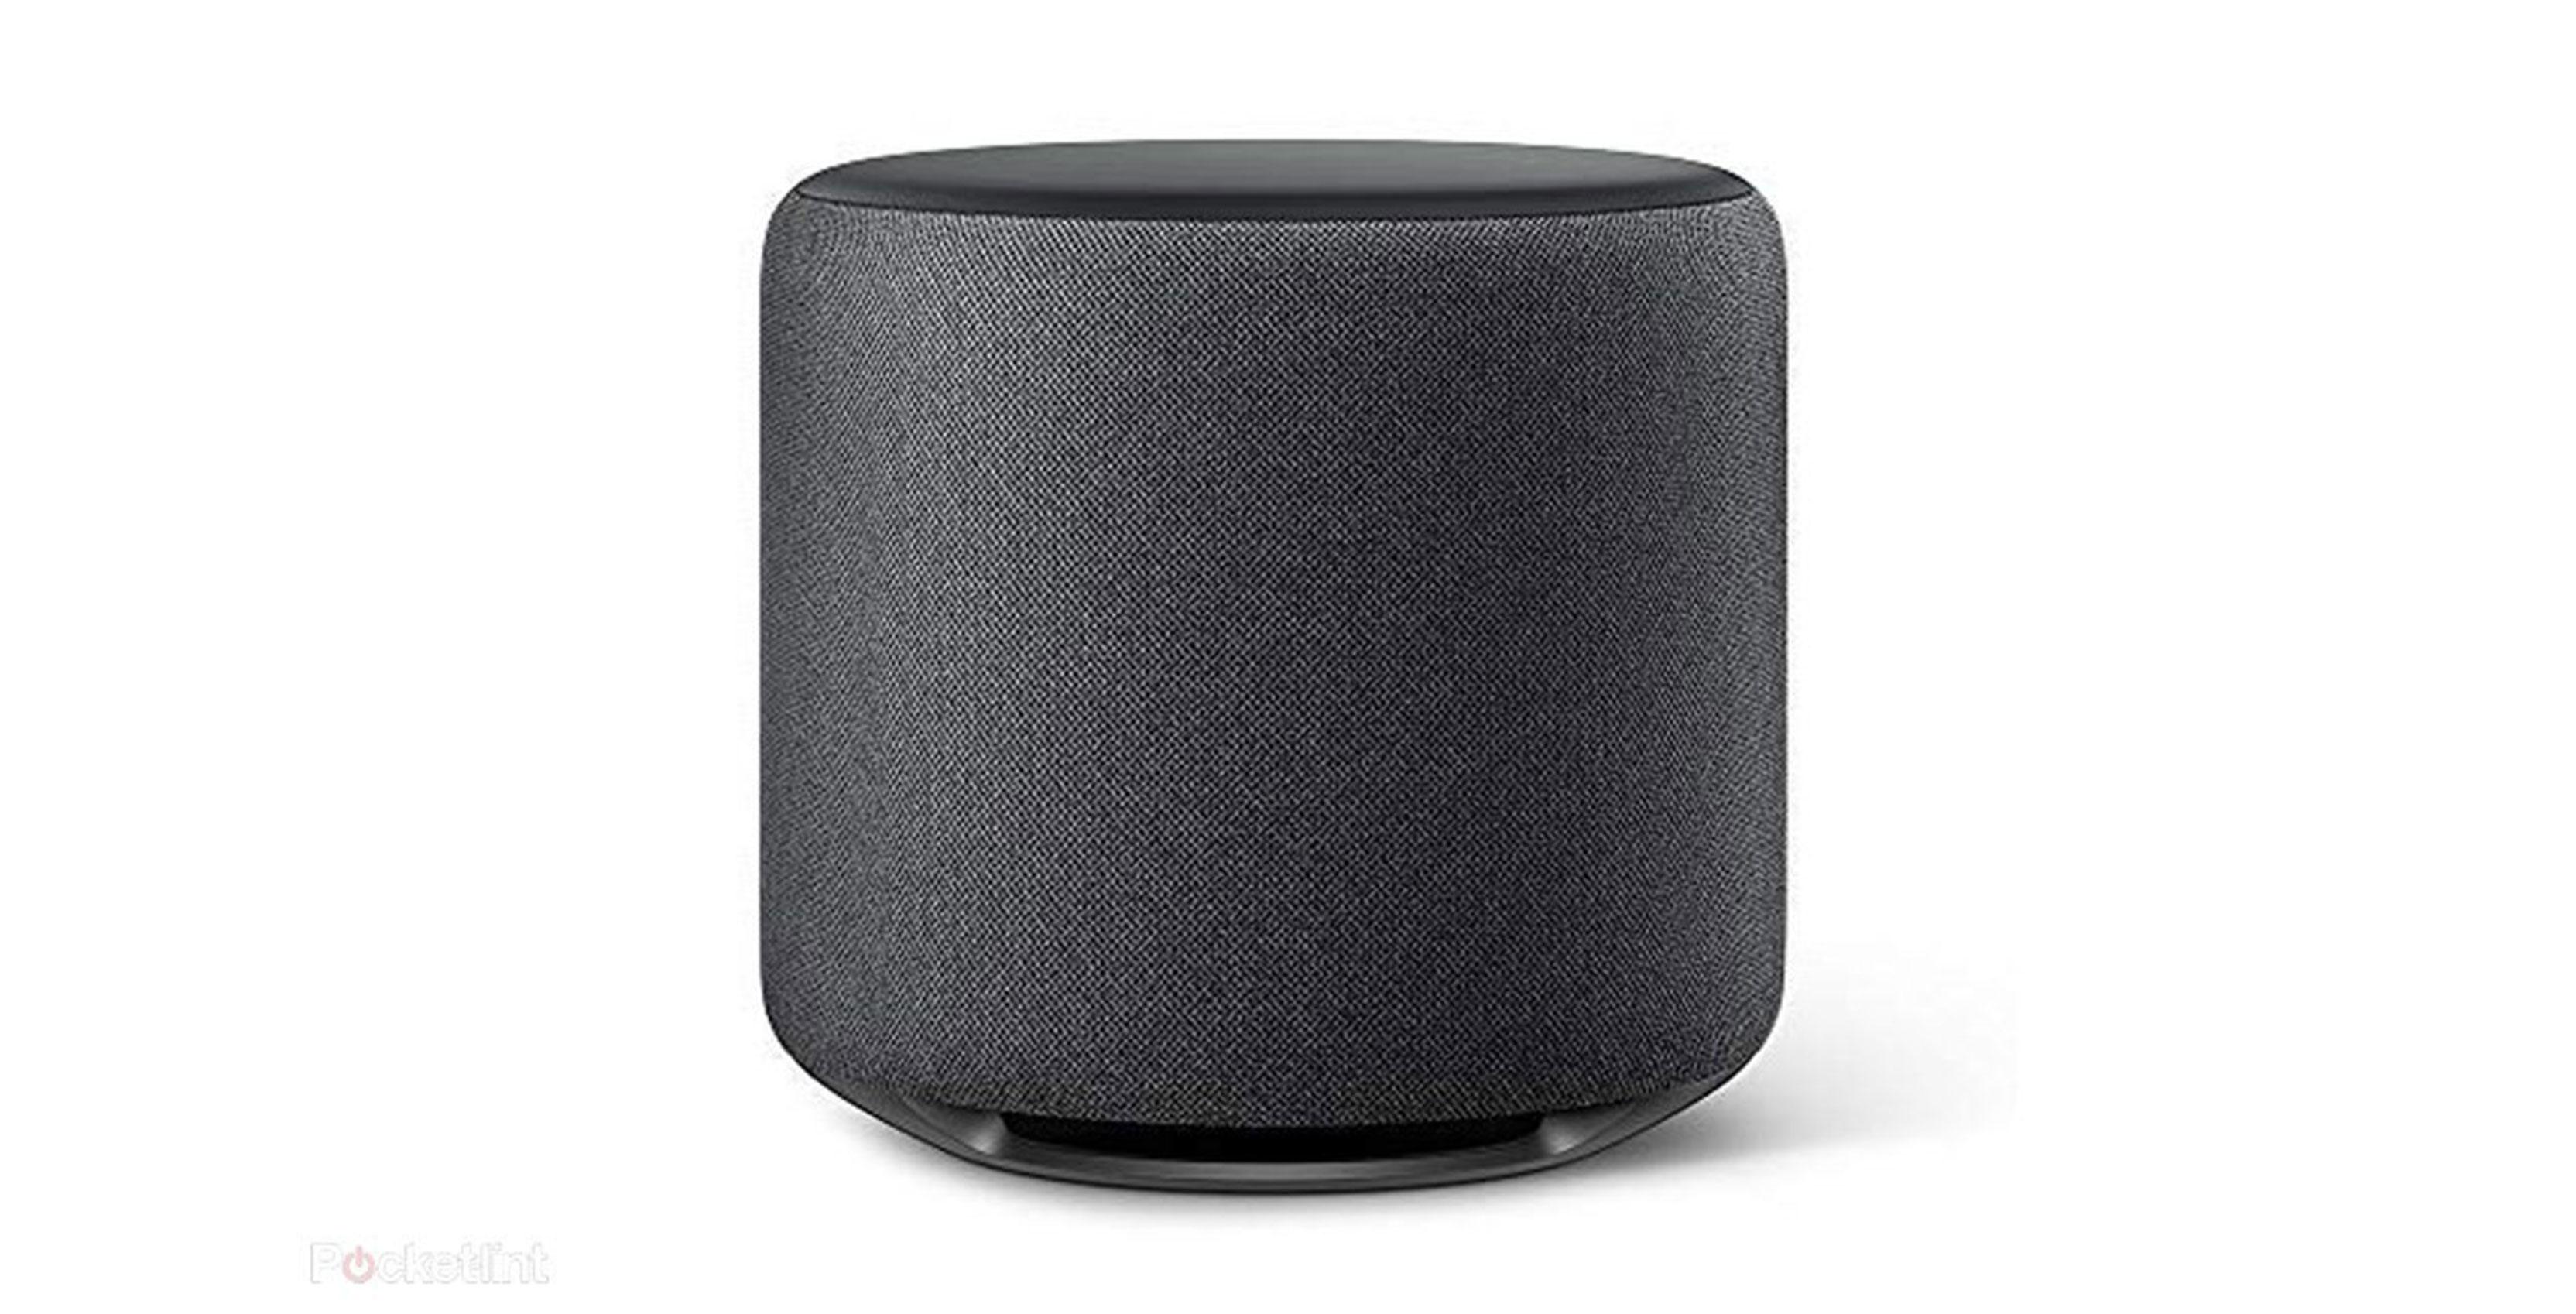 Amazon Echo Sub Leak